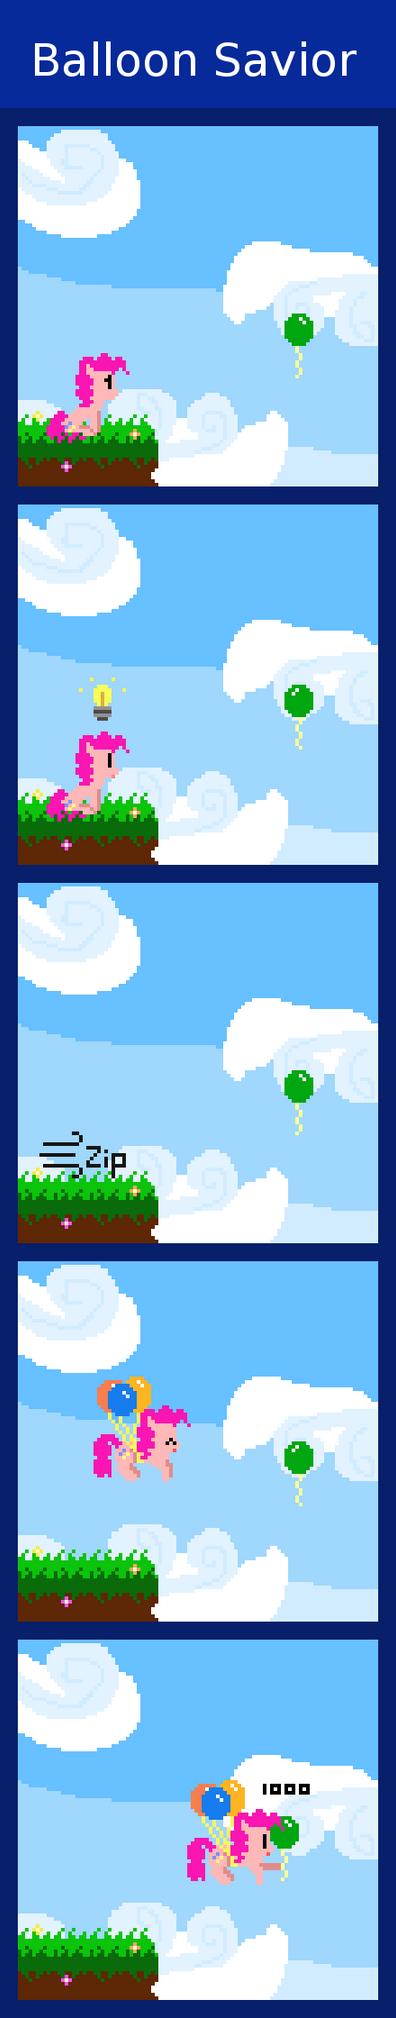 Balloon Savior by Zztfox